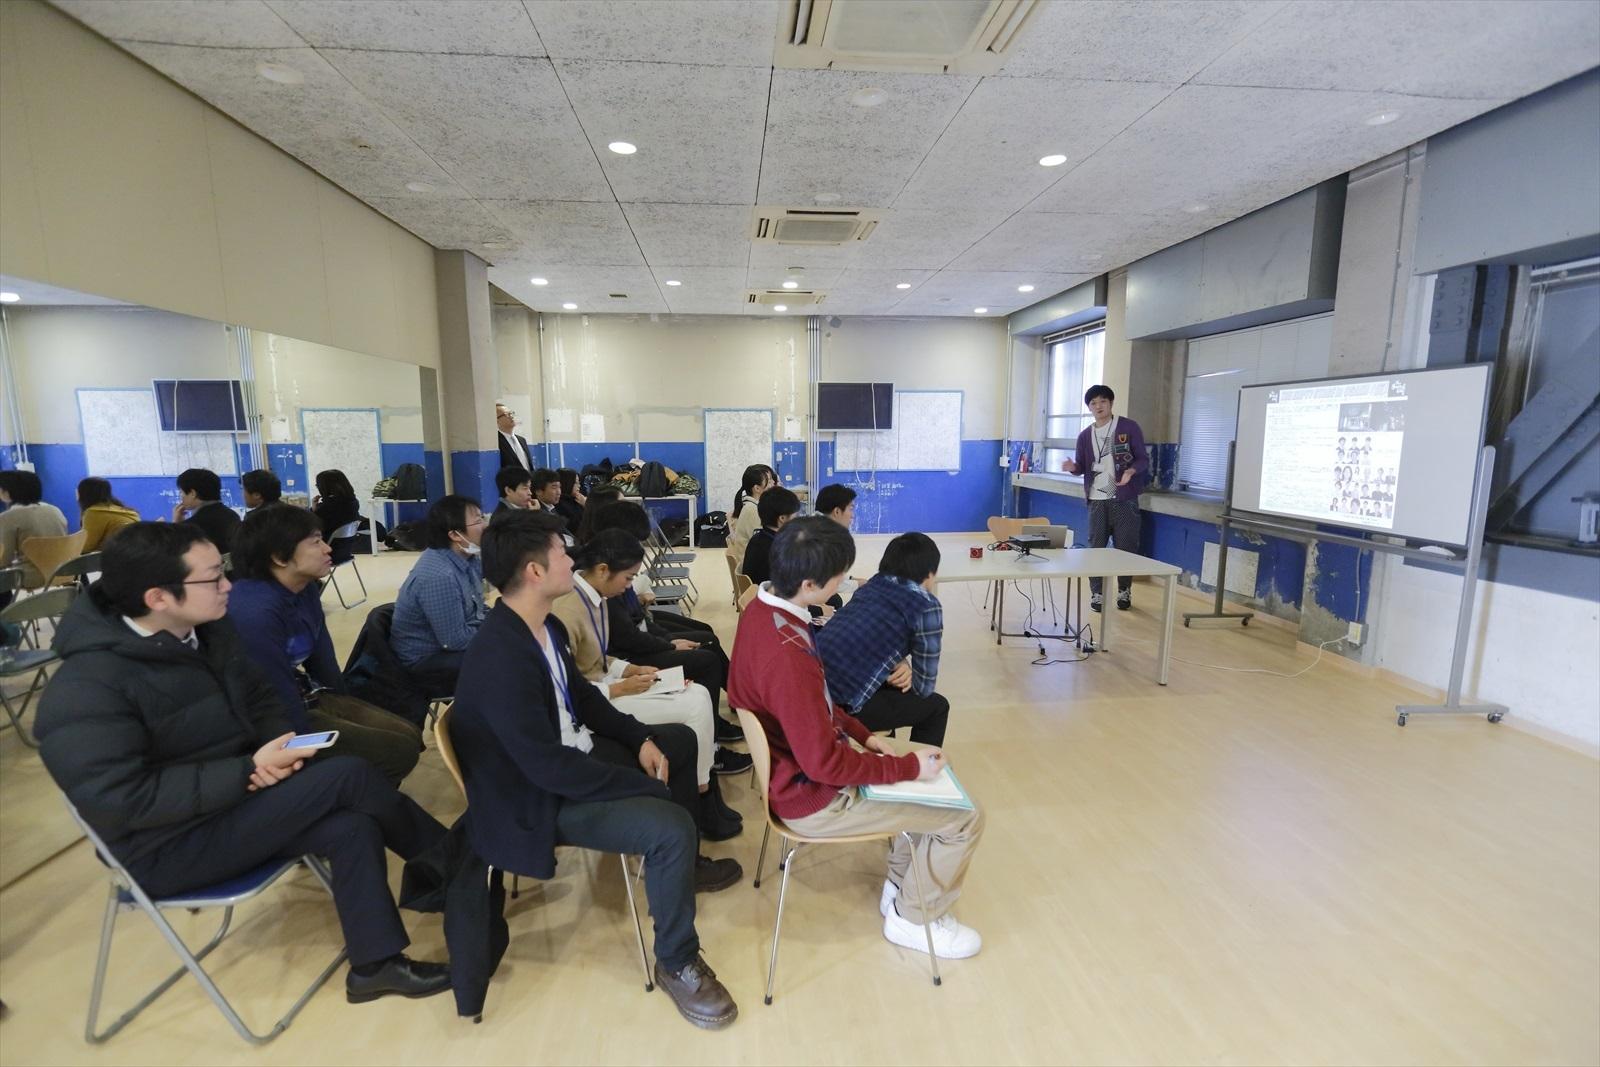 http://news.yoshimoto.co.jp/photos/uncategorized/2014/12/26/20141226164001-d3e4bd8366c902f2e53bce0c21a7d232d8199ccf.jpg